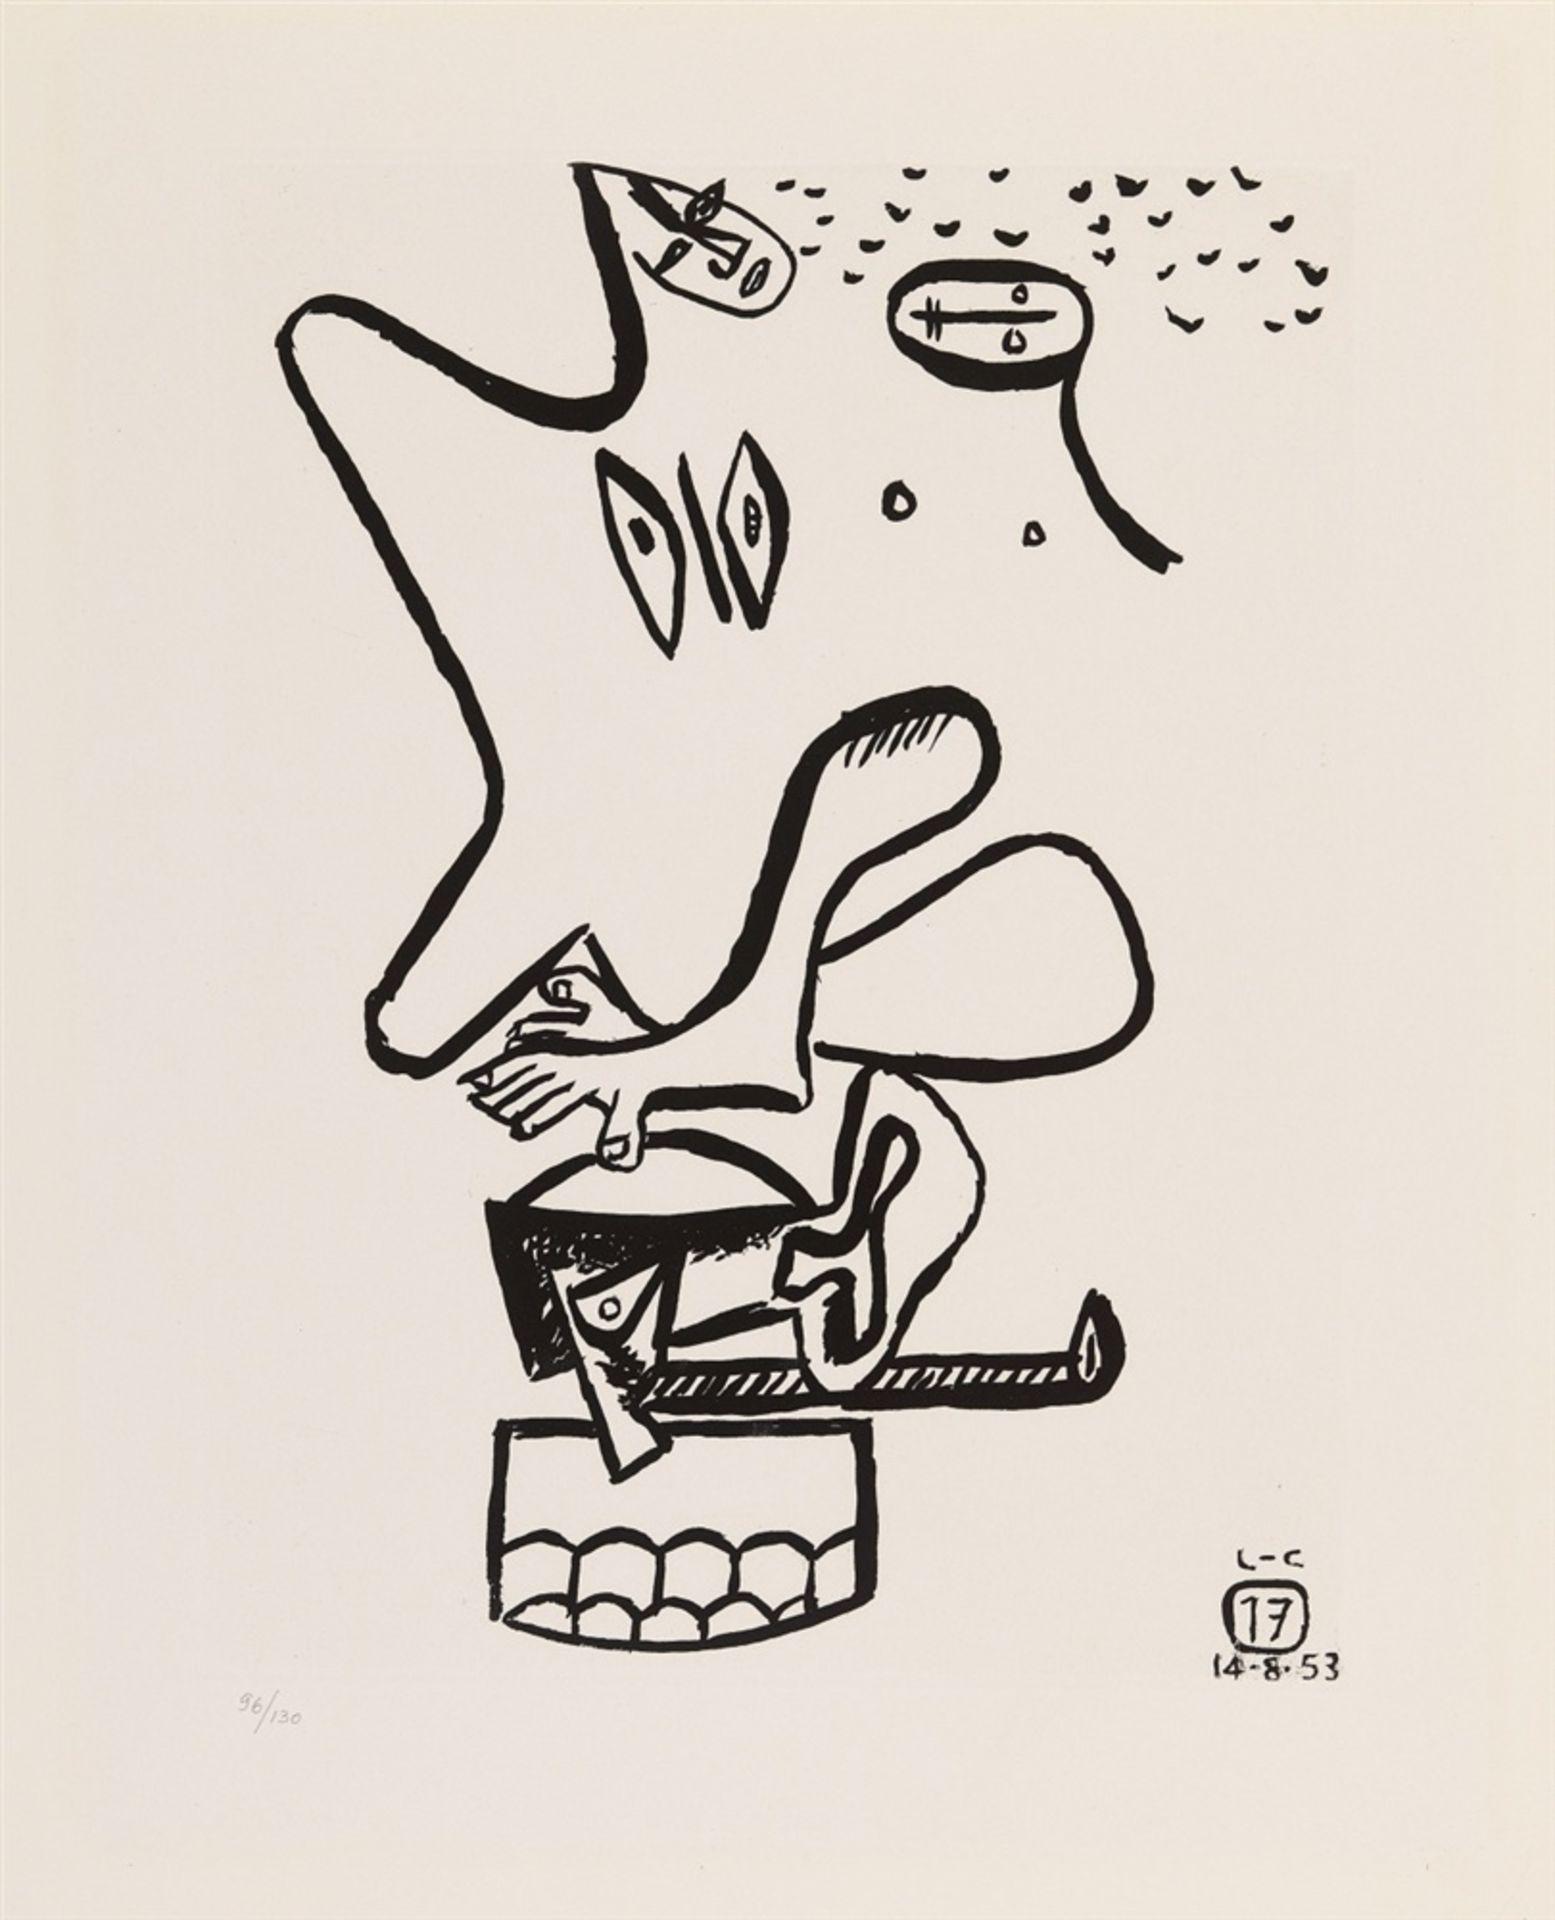 Le Corbusier (Charles-Édouard Jeanneret)Unité - Bild 11 aus 27